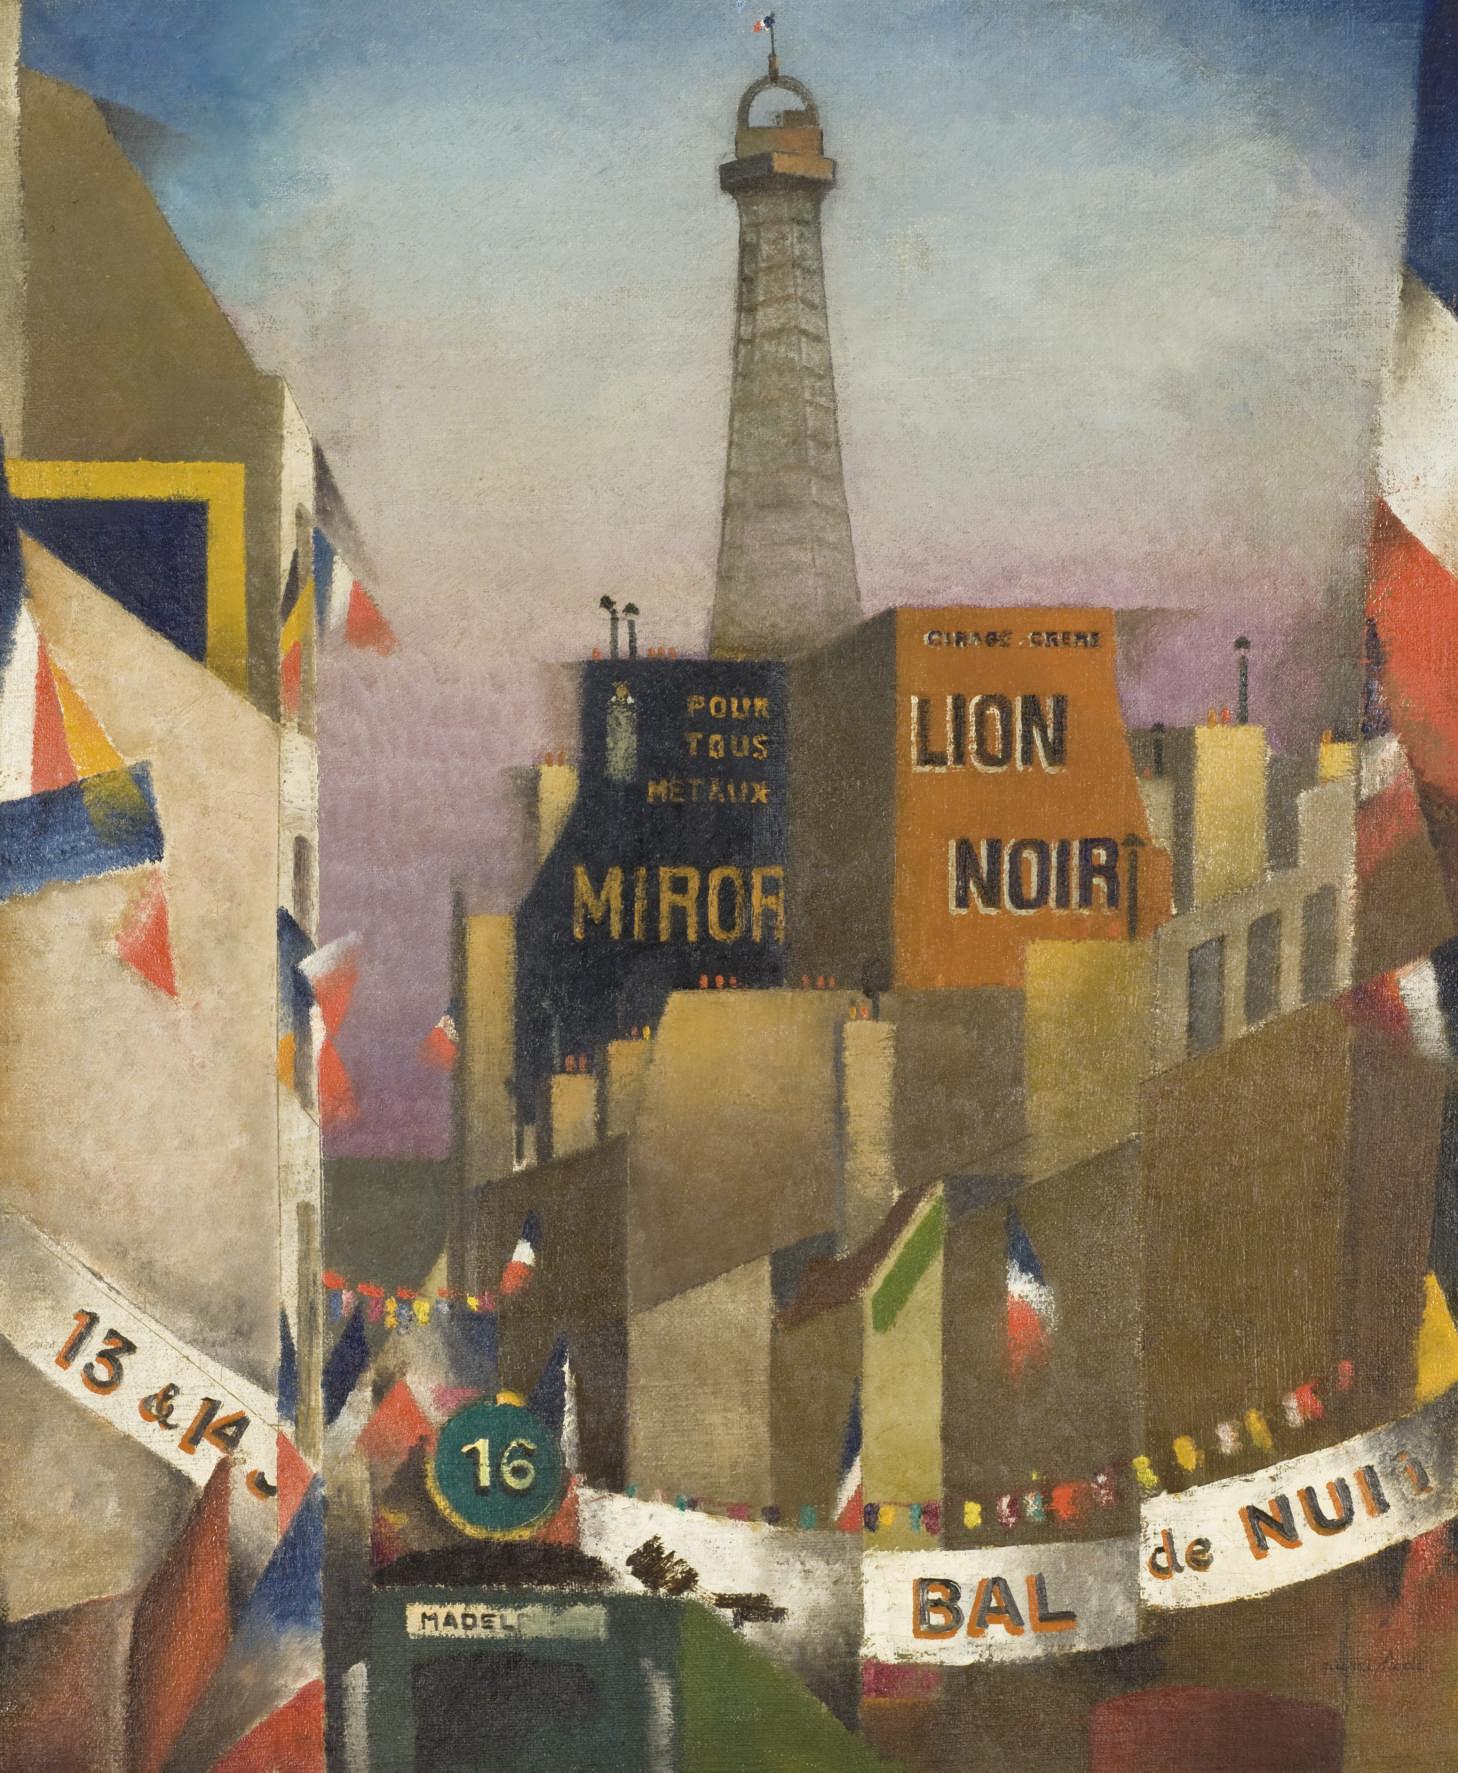 Le bal du 14 Juillet et la Tour Eiffel